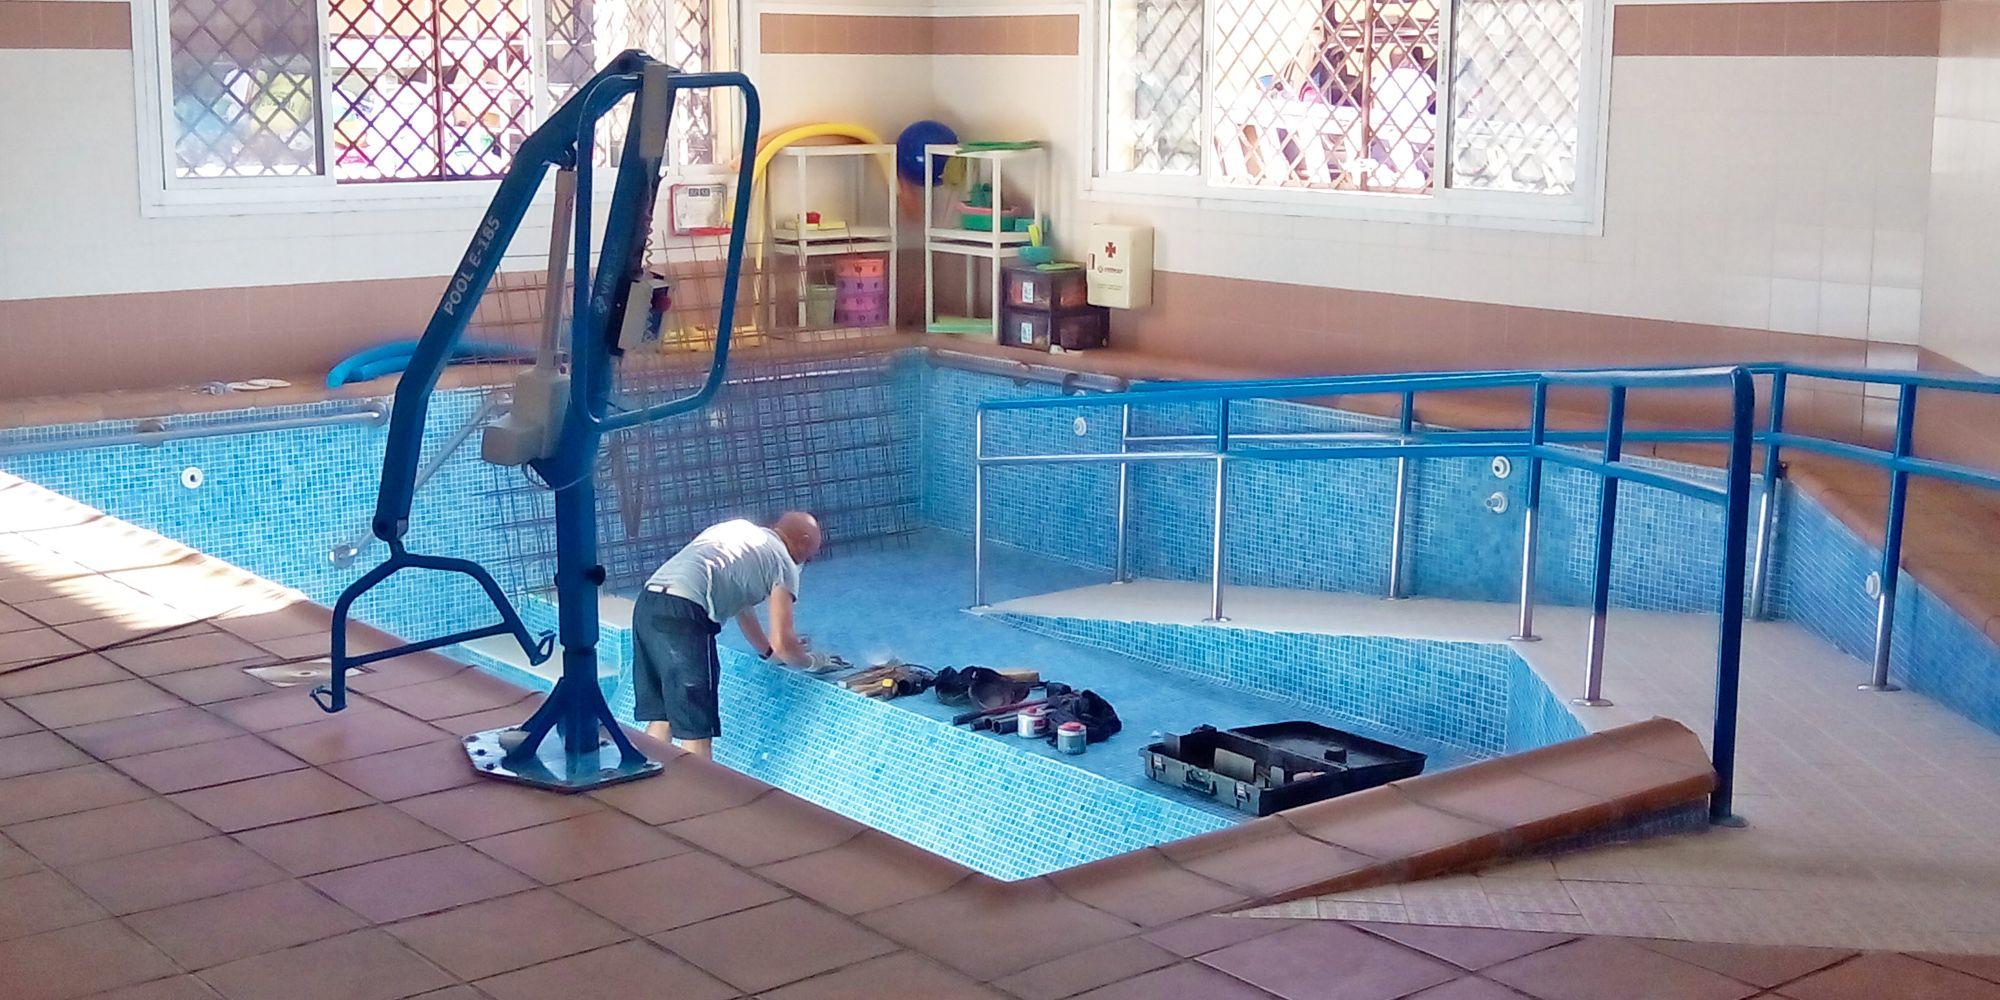 Upacesur instalaciones piscina 2